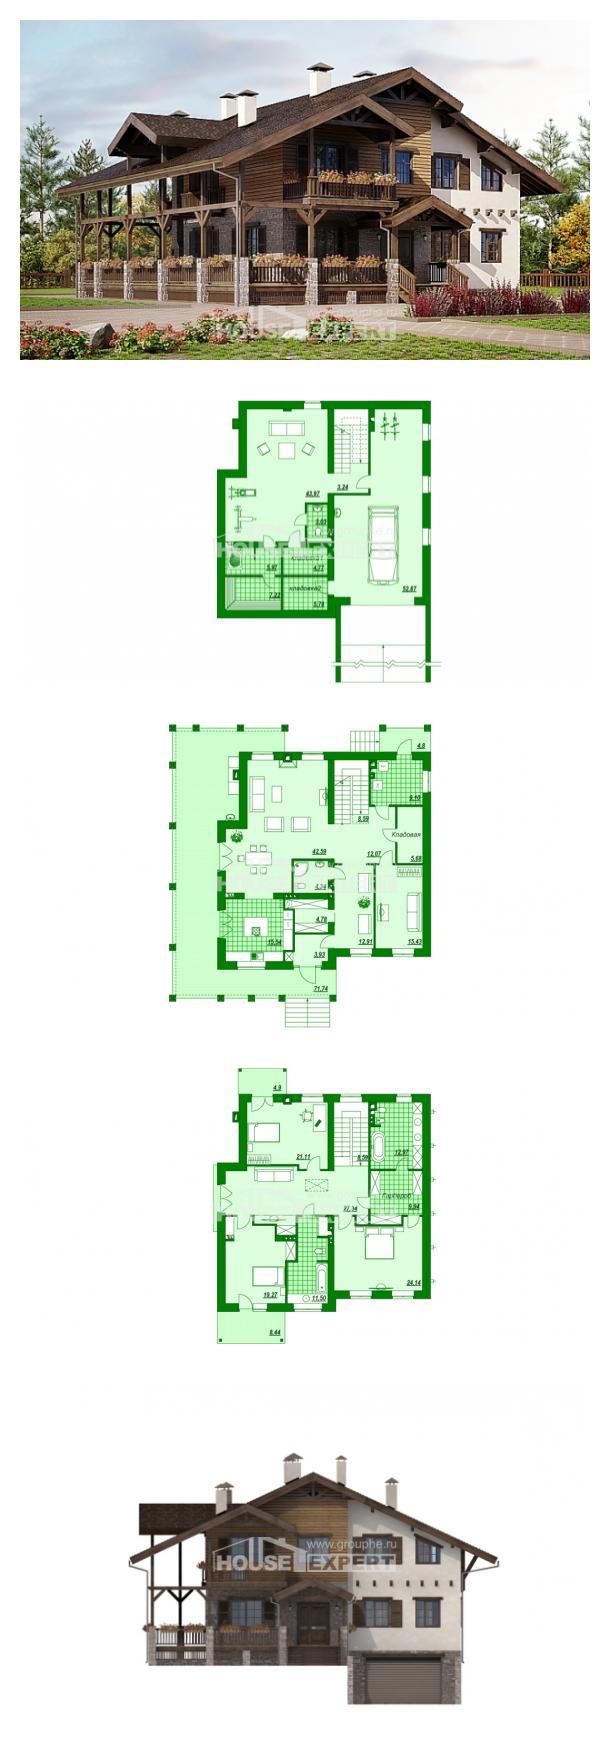 Plan 400-004-R | House Expert